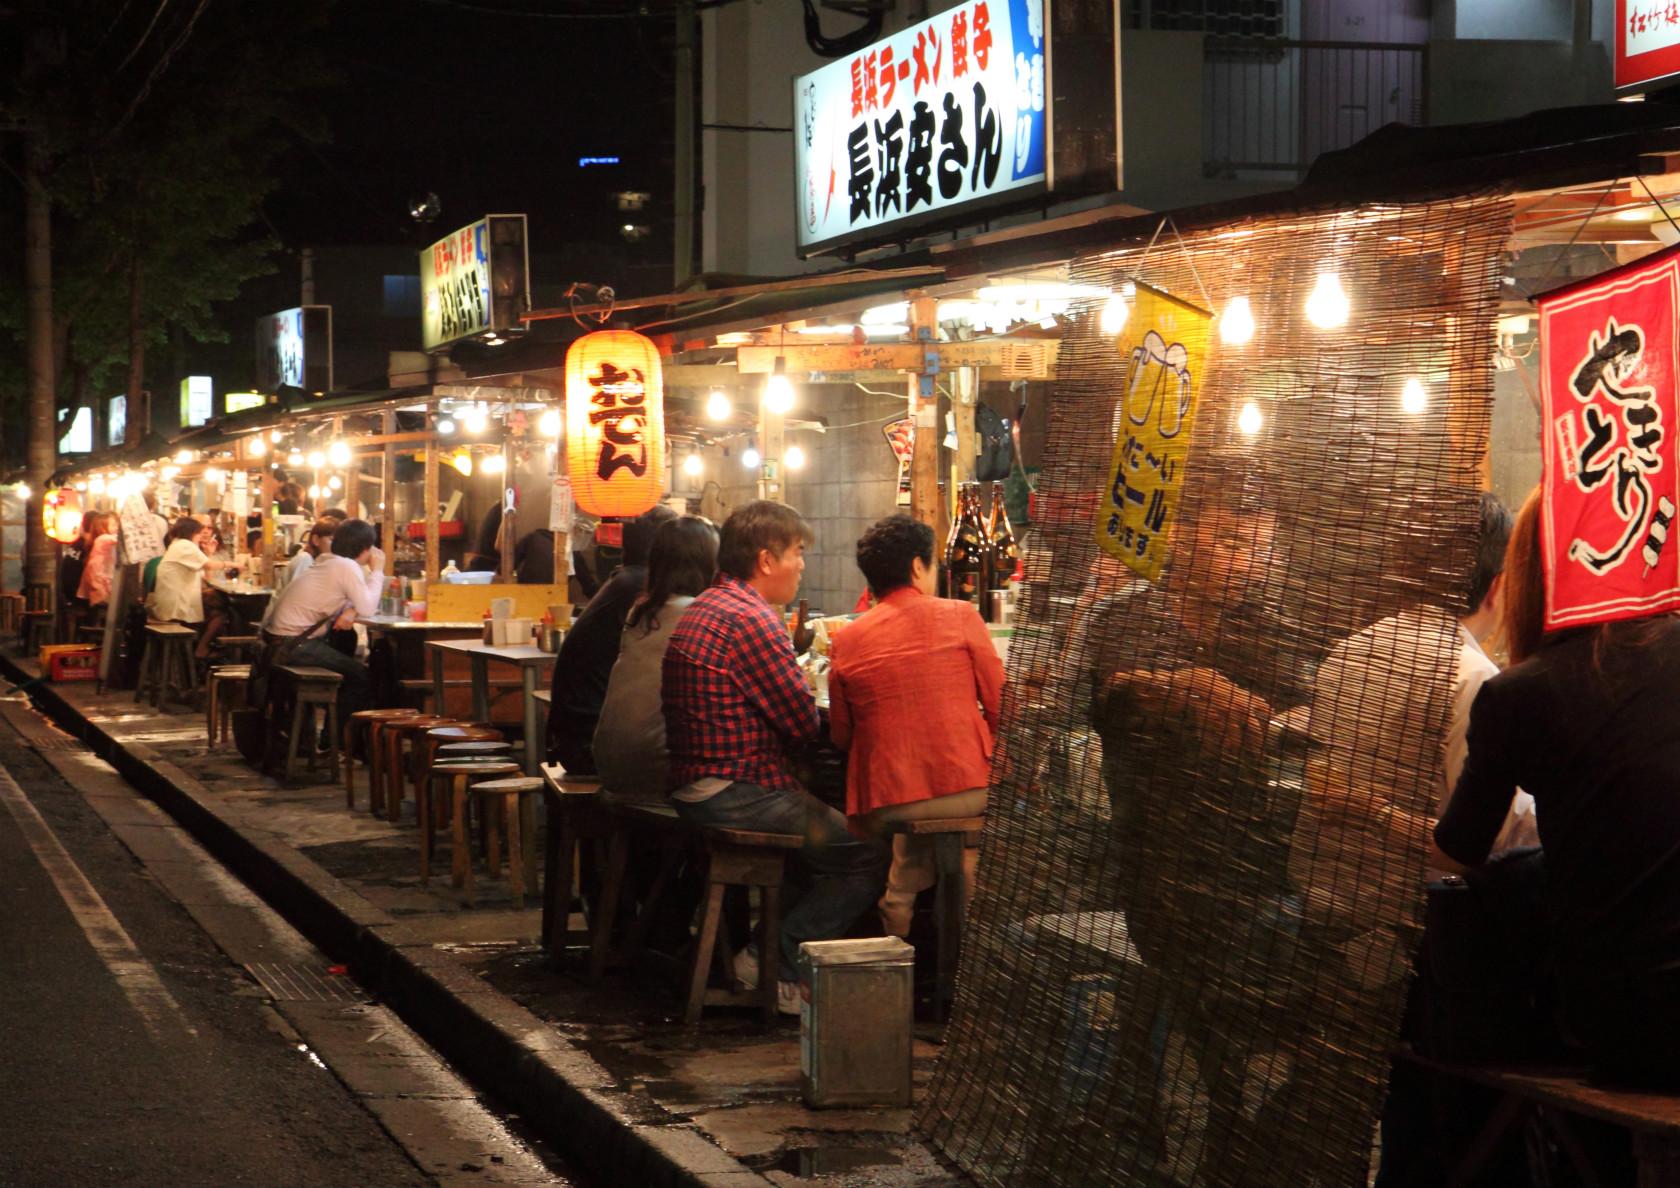 Fukuoka: Yatai (Food stall)